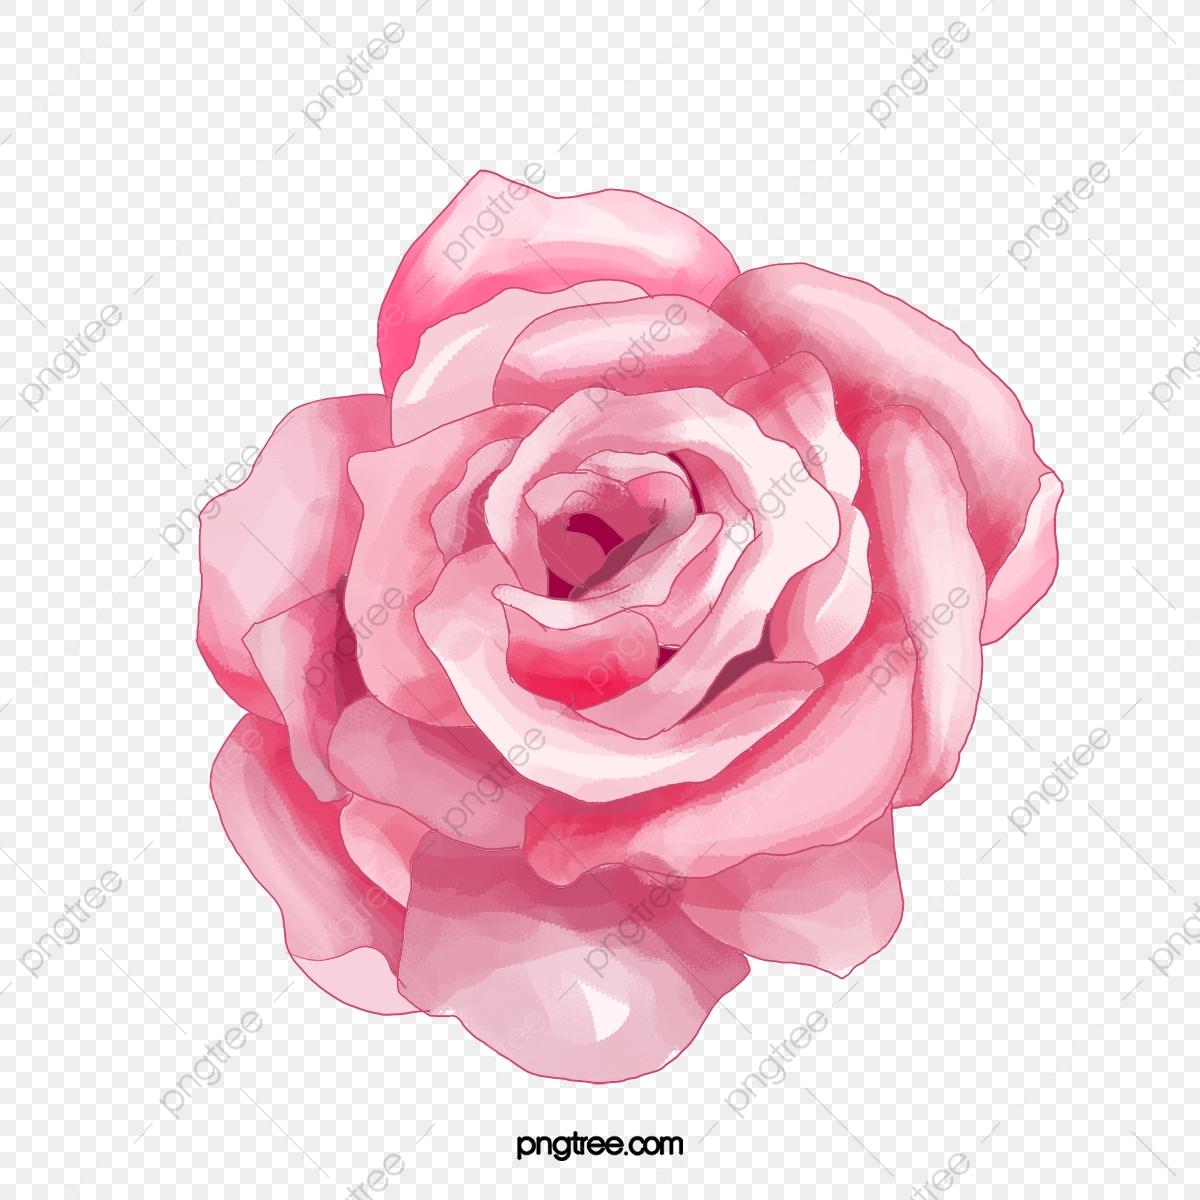 Acuarela Pintada De Rosa Flores Rosas Acuarela Pintado A